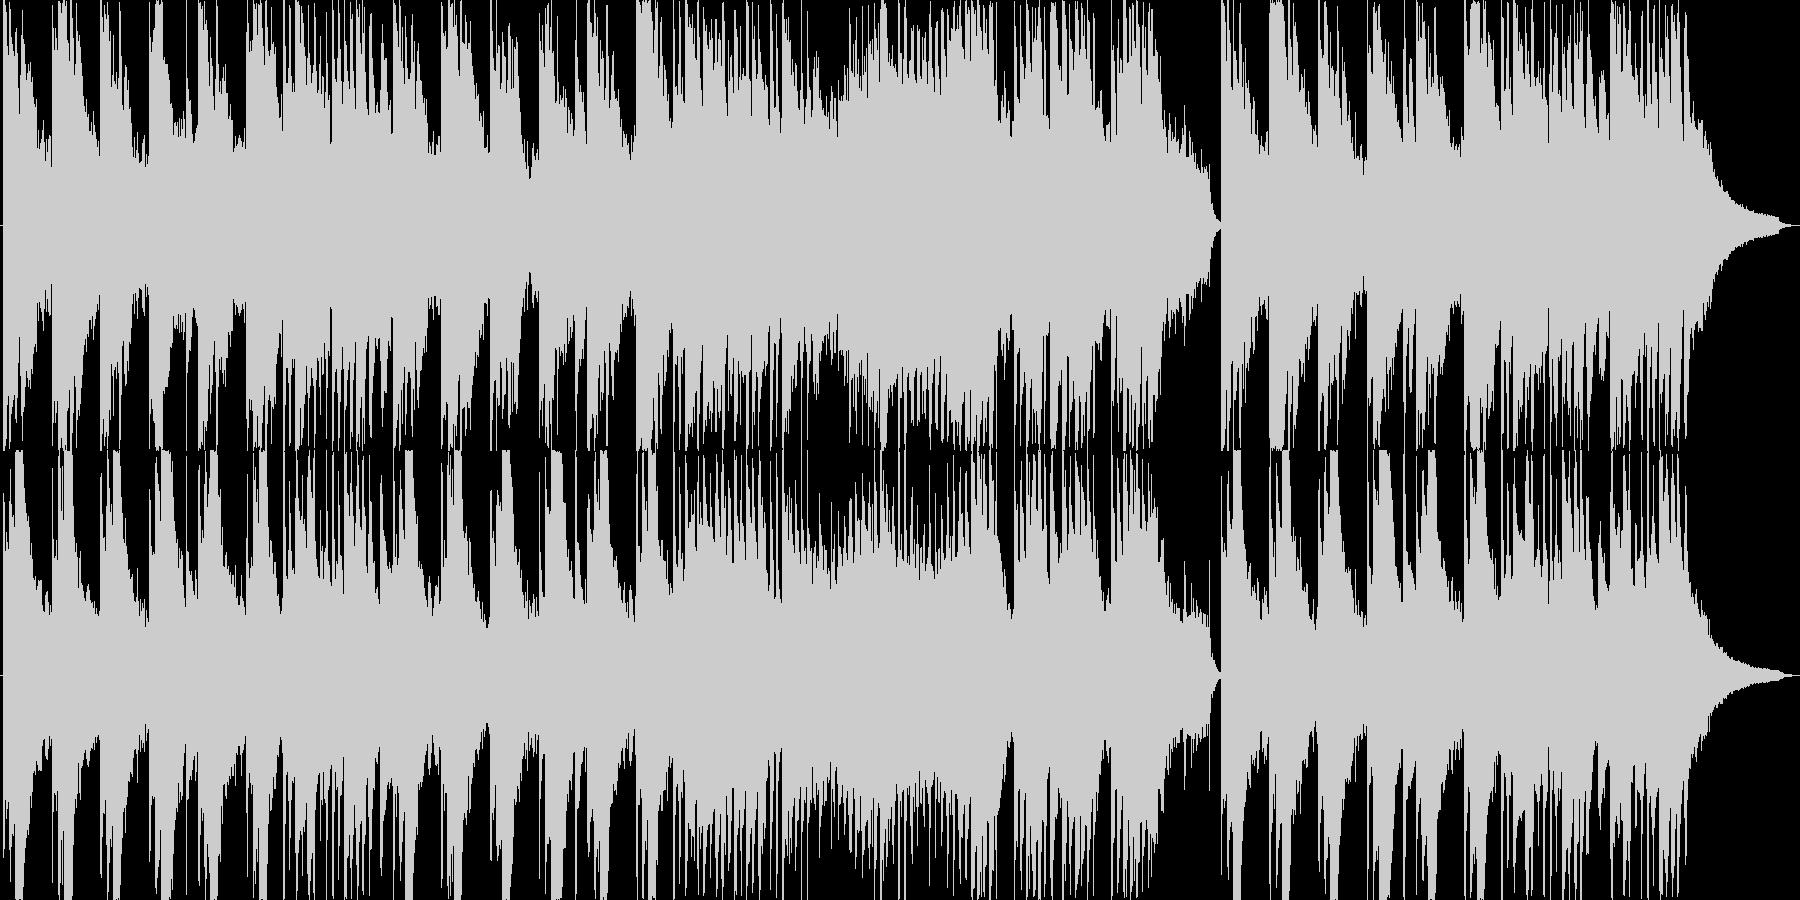 ピアノを中心とした落ち着いた優しい楽曲の未再生の波形